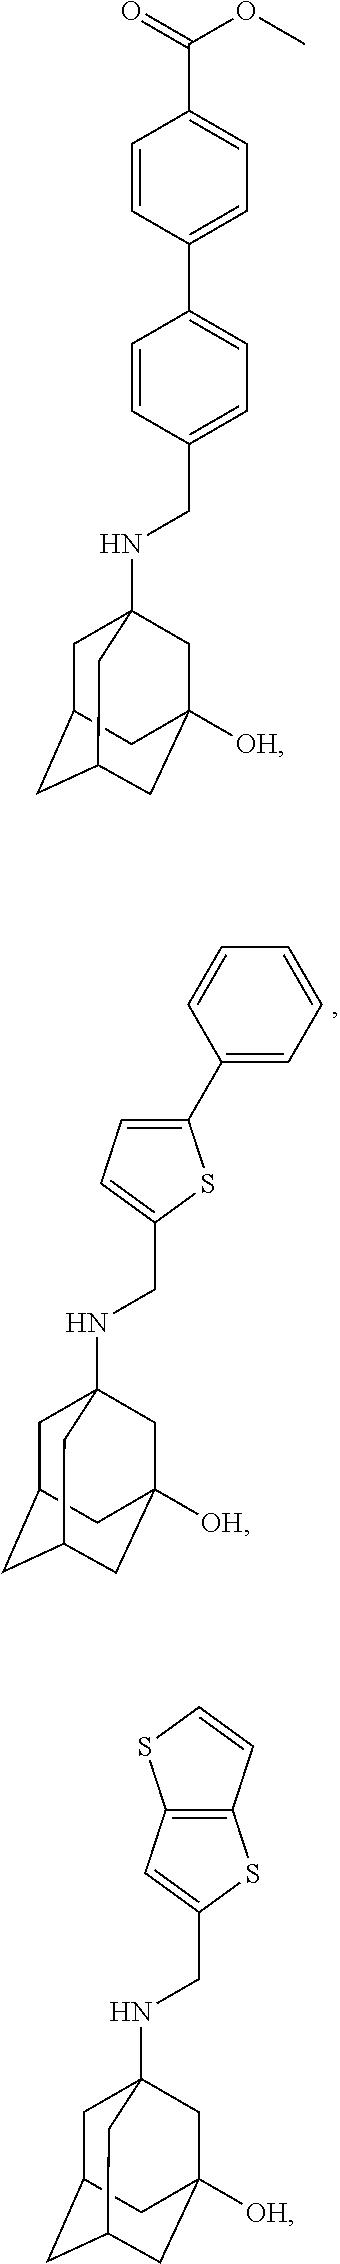 Figure US09884832-20180206-C00172